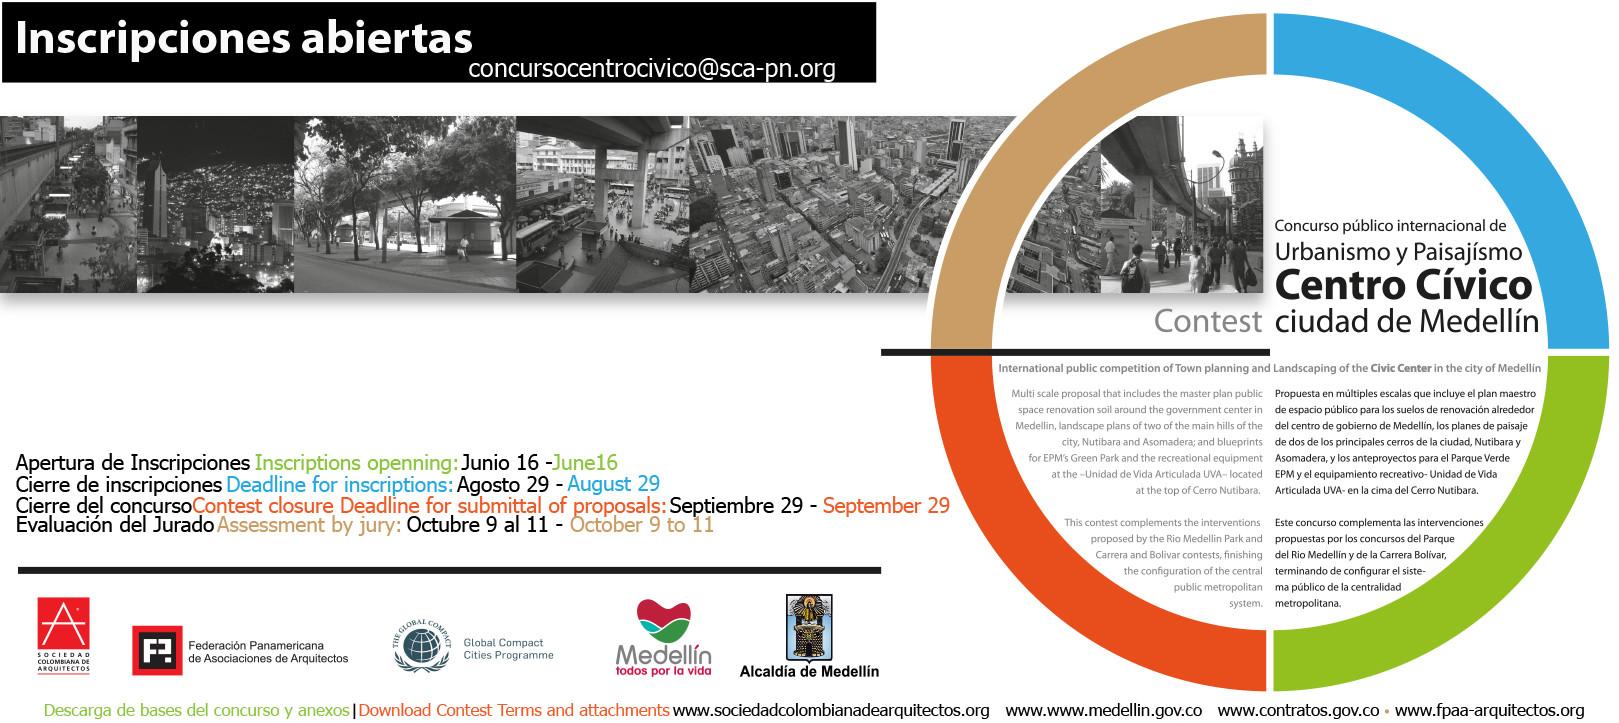 Convocatoria: concurso público internacional para Centro Cívico de Medellín / Colombia